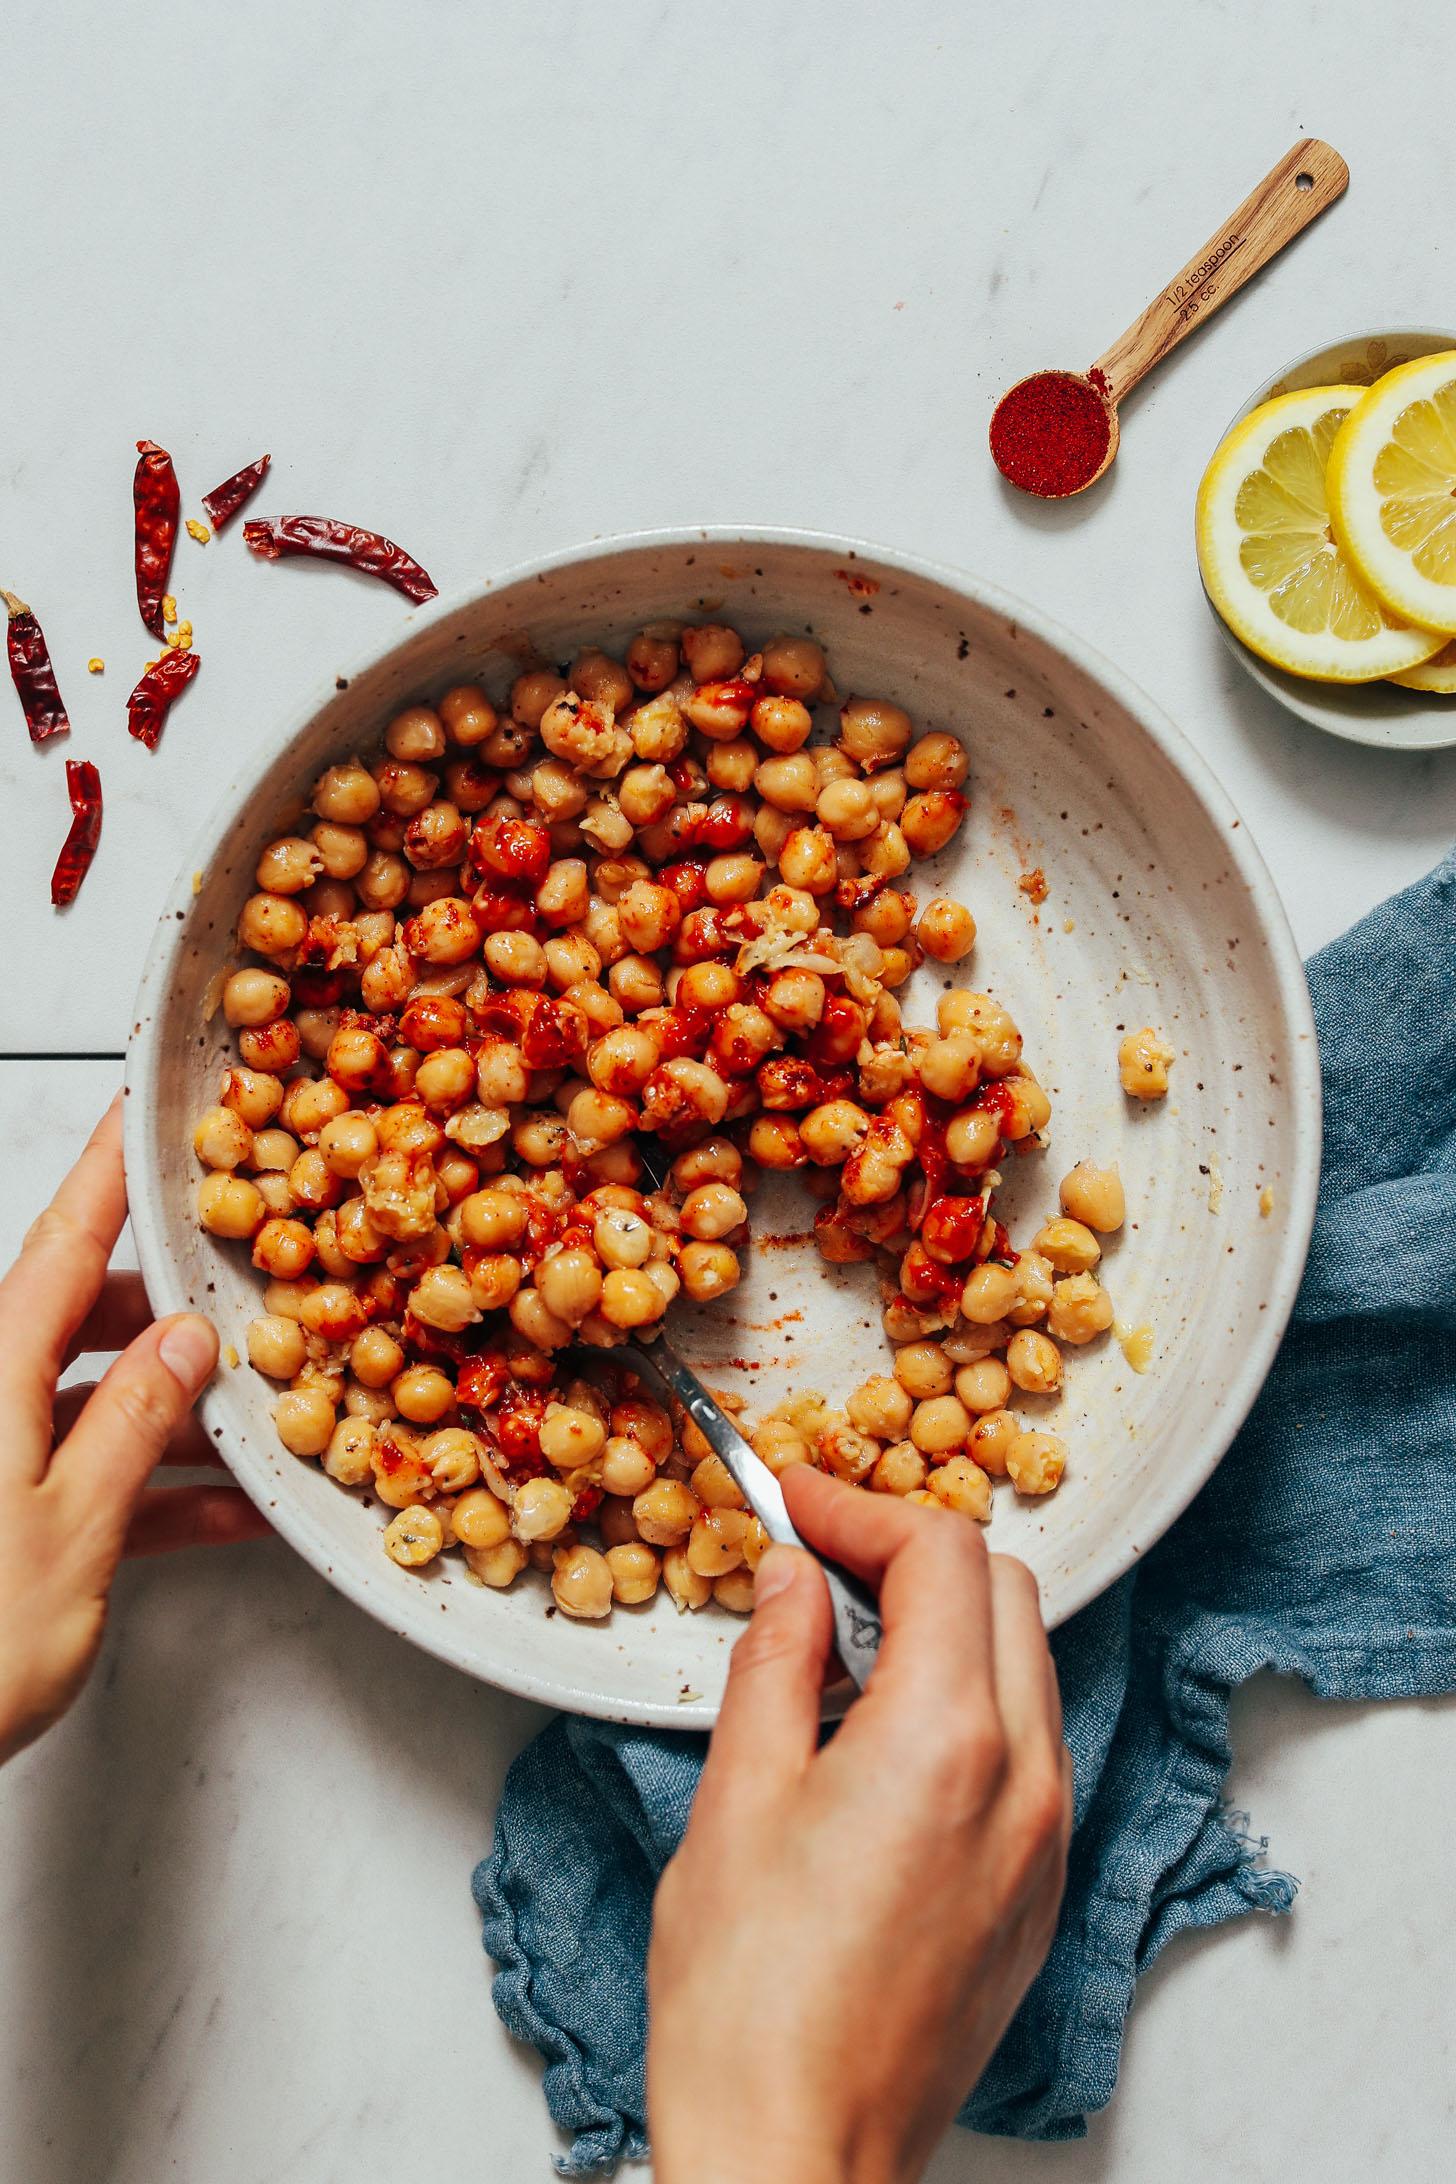 Usando una cuchara para mezclar los garbanzos, la pasta de harissa, el jugo de limón, el ajo, la sal marina, el jarabe de arce, el pimentón ahumado y el aceite de oliva.